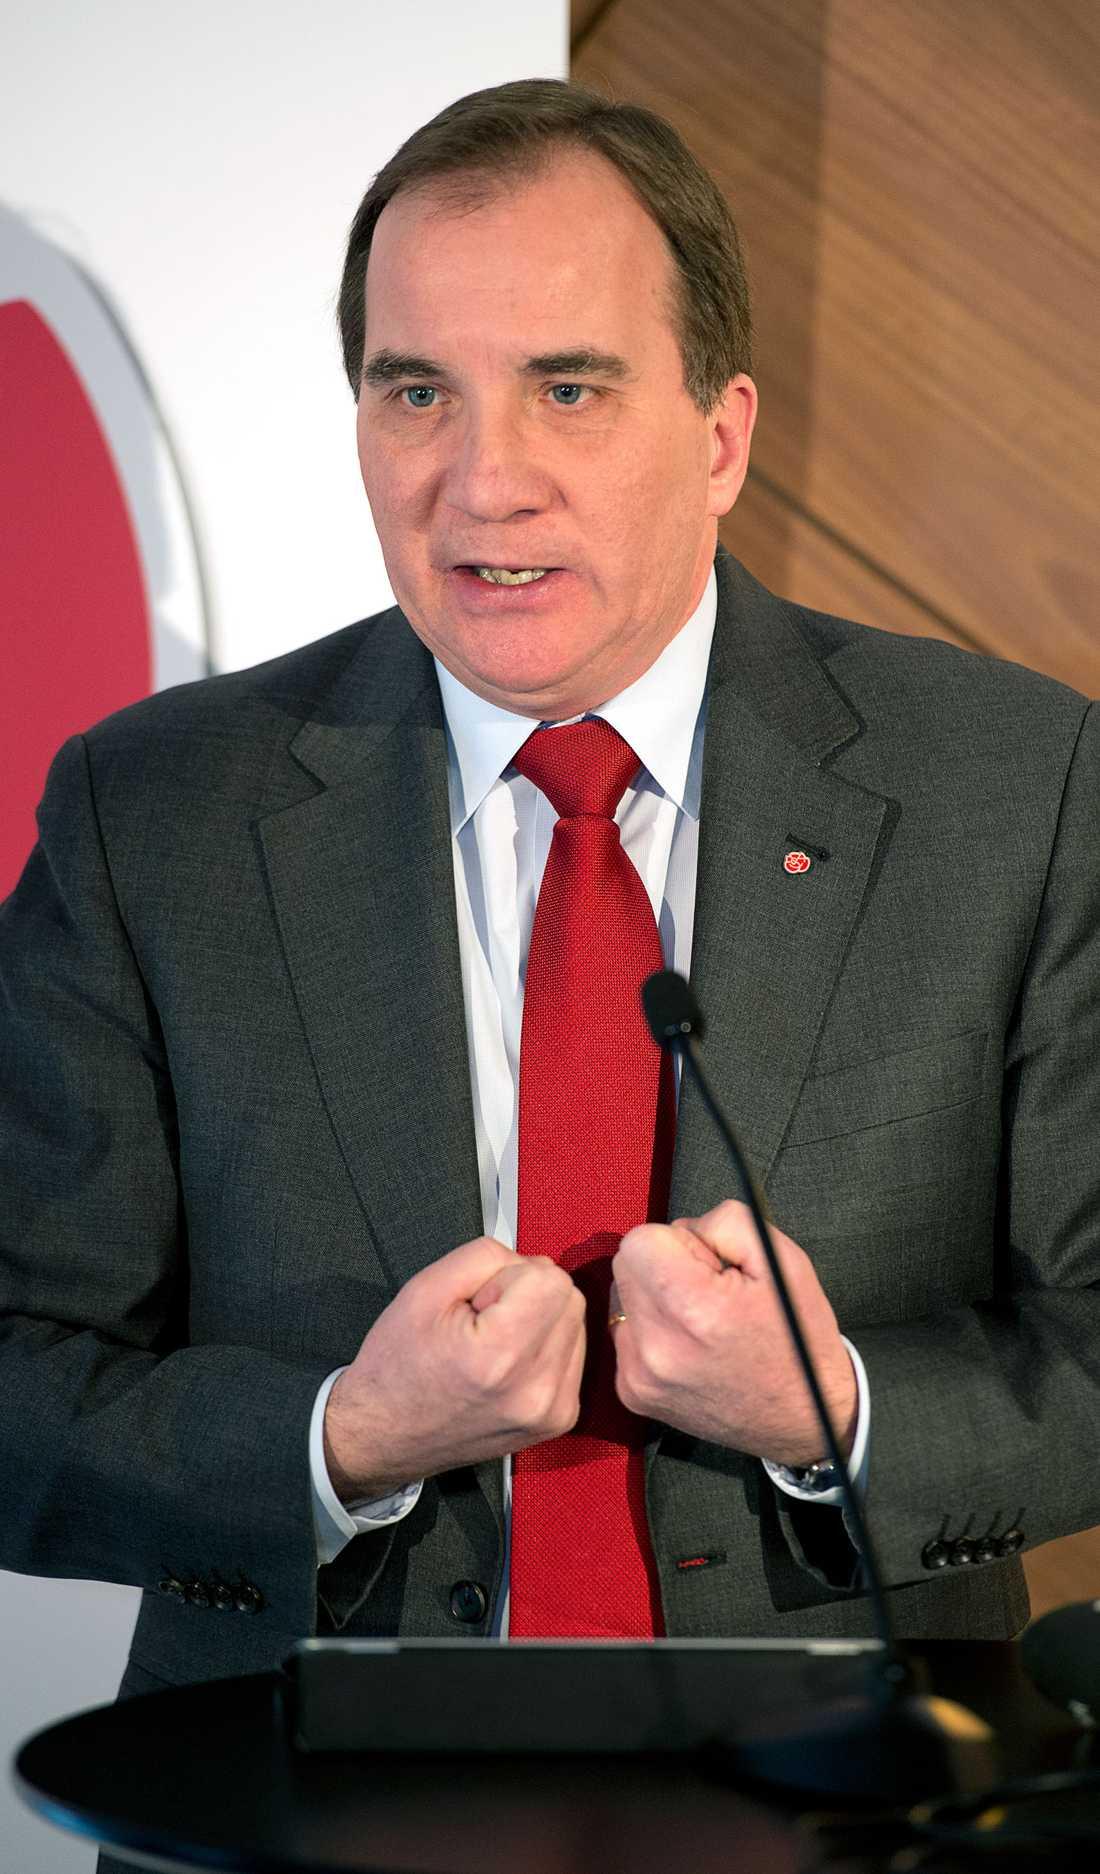 S-ledaren Stefan Löfven anklagar regeringen för brist på konkreta förslag.